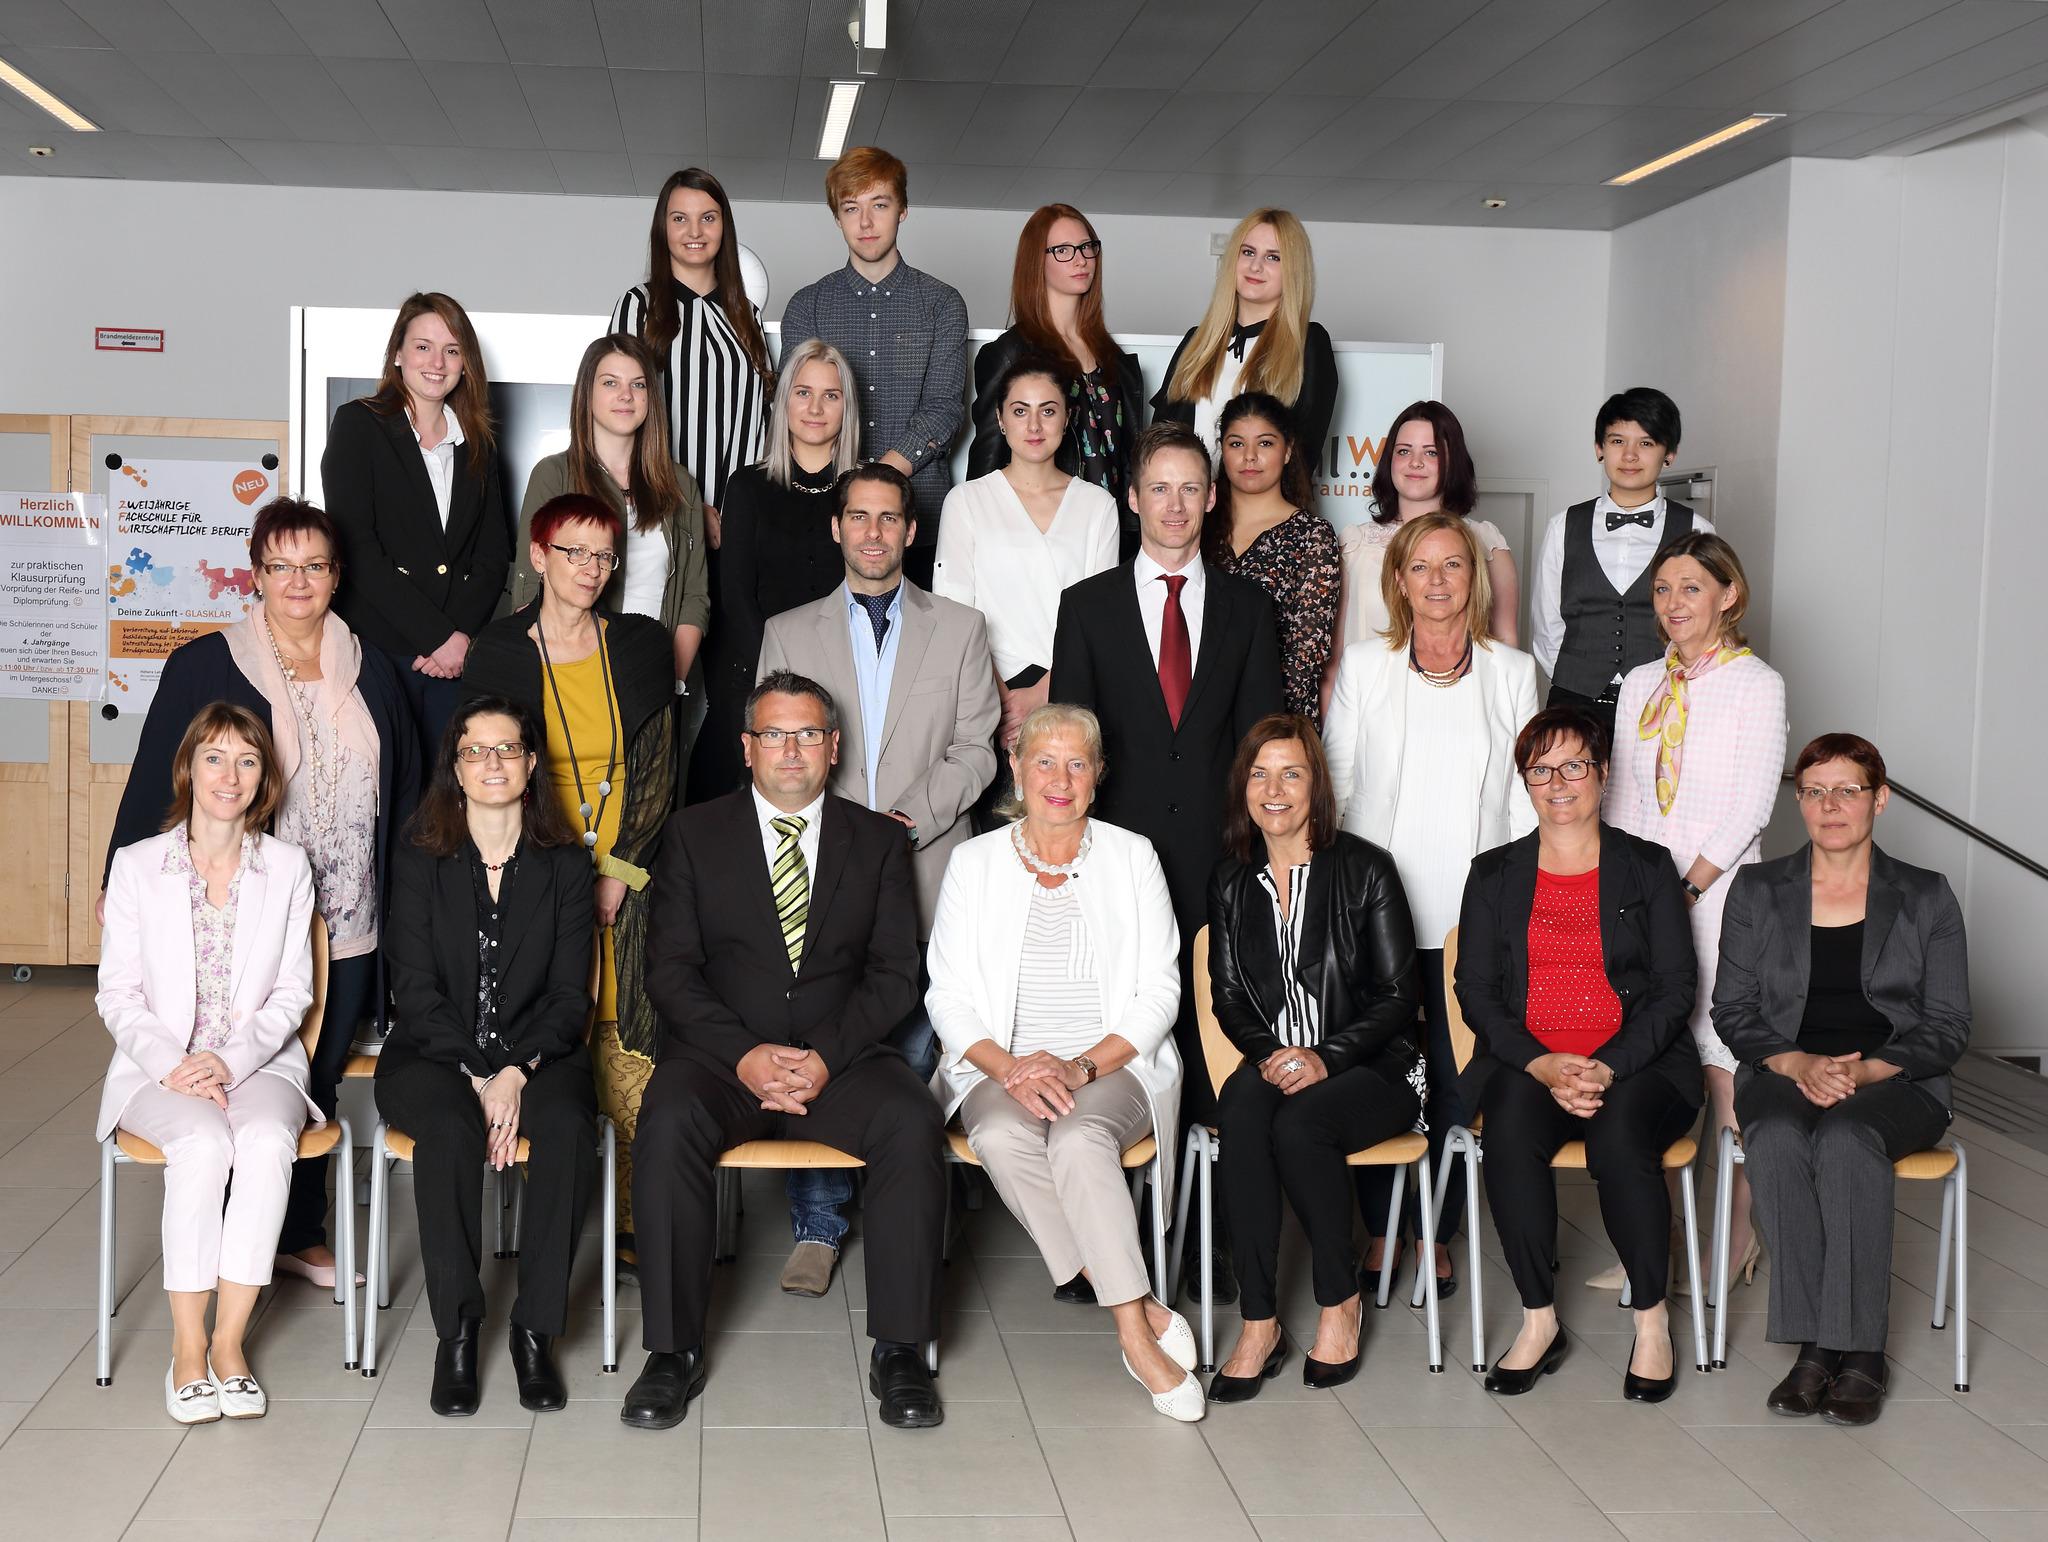 Wir gratulieren allen Braunauer Absolventen und Maturanten